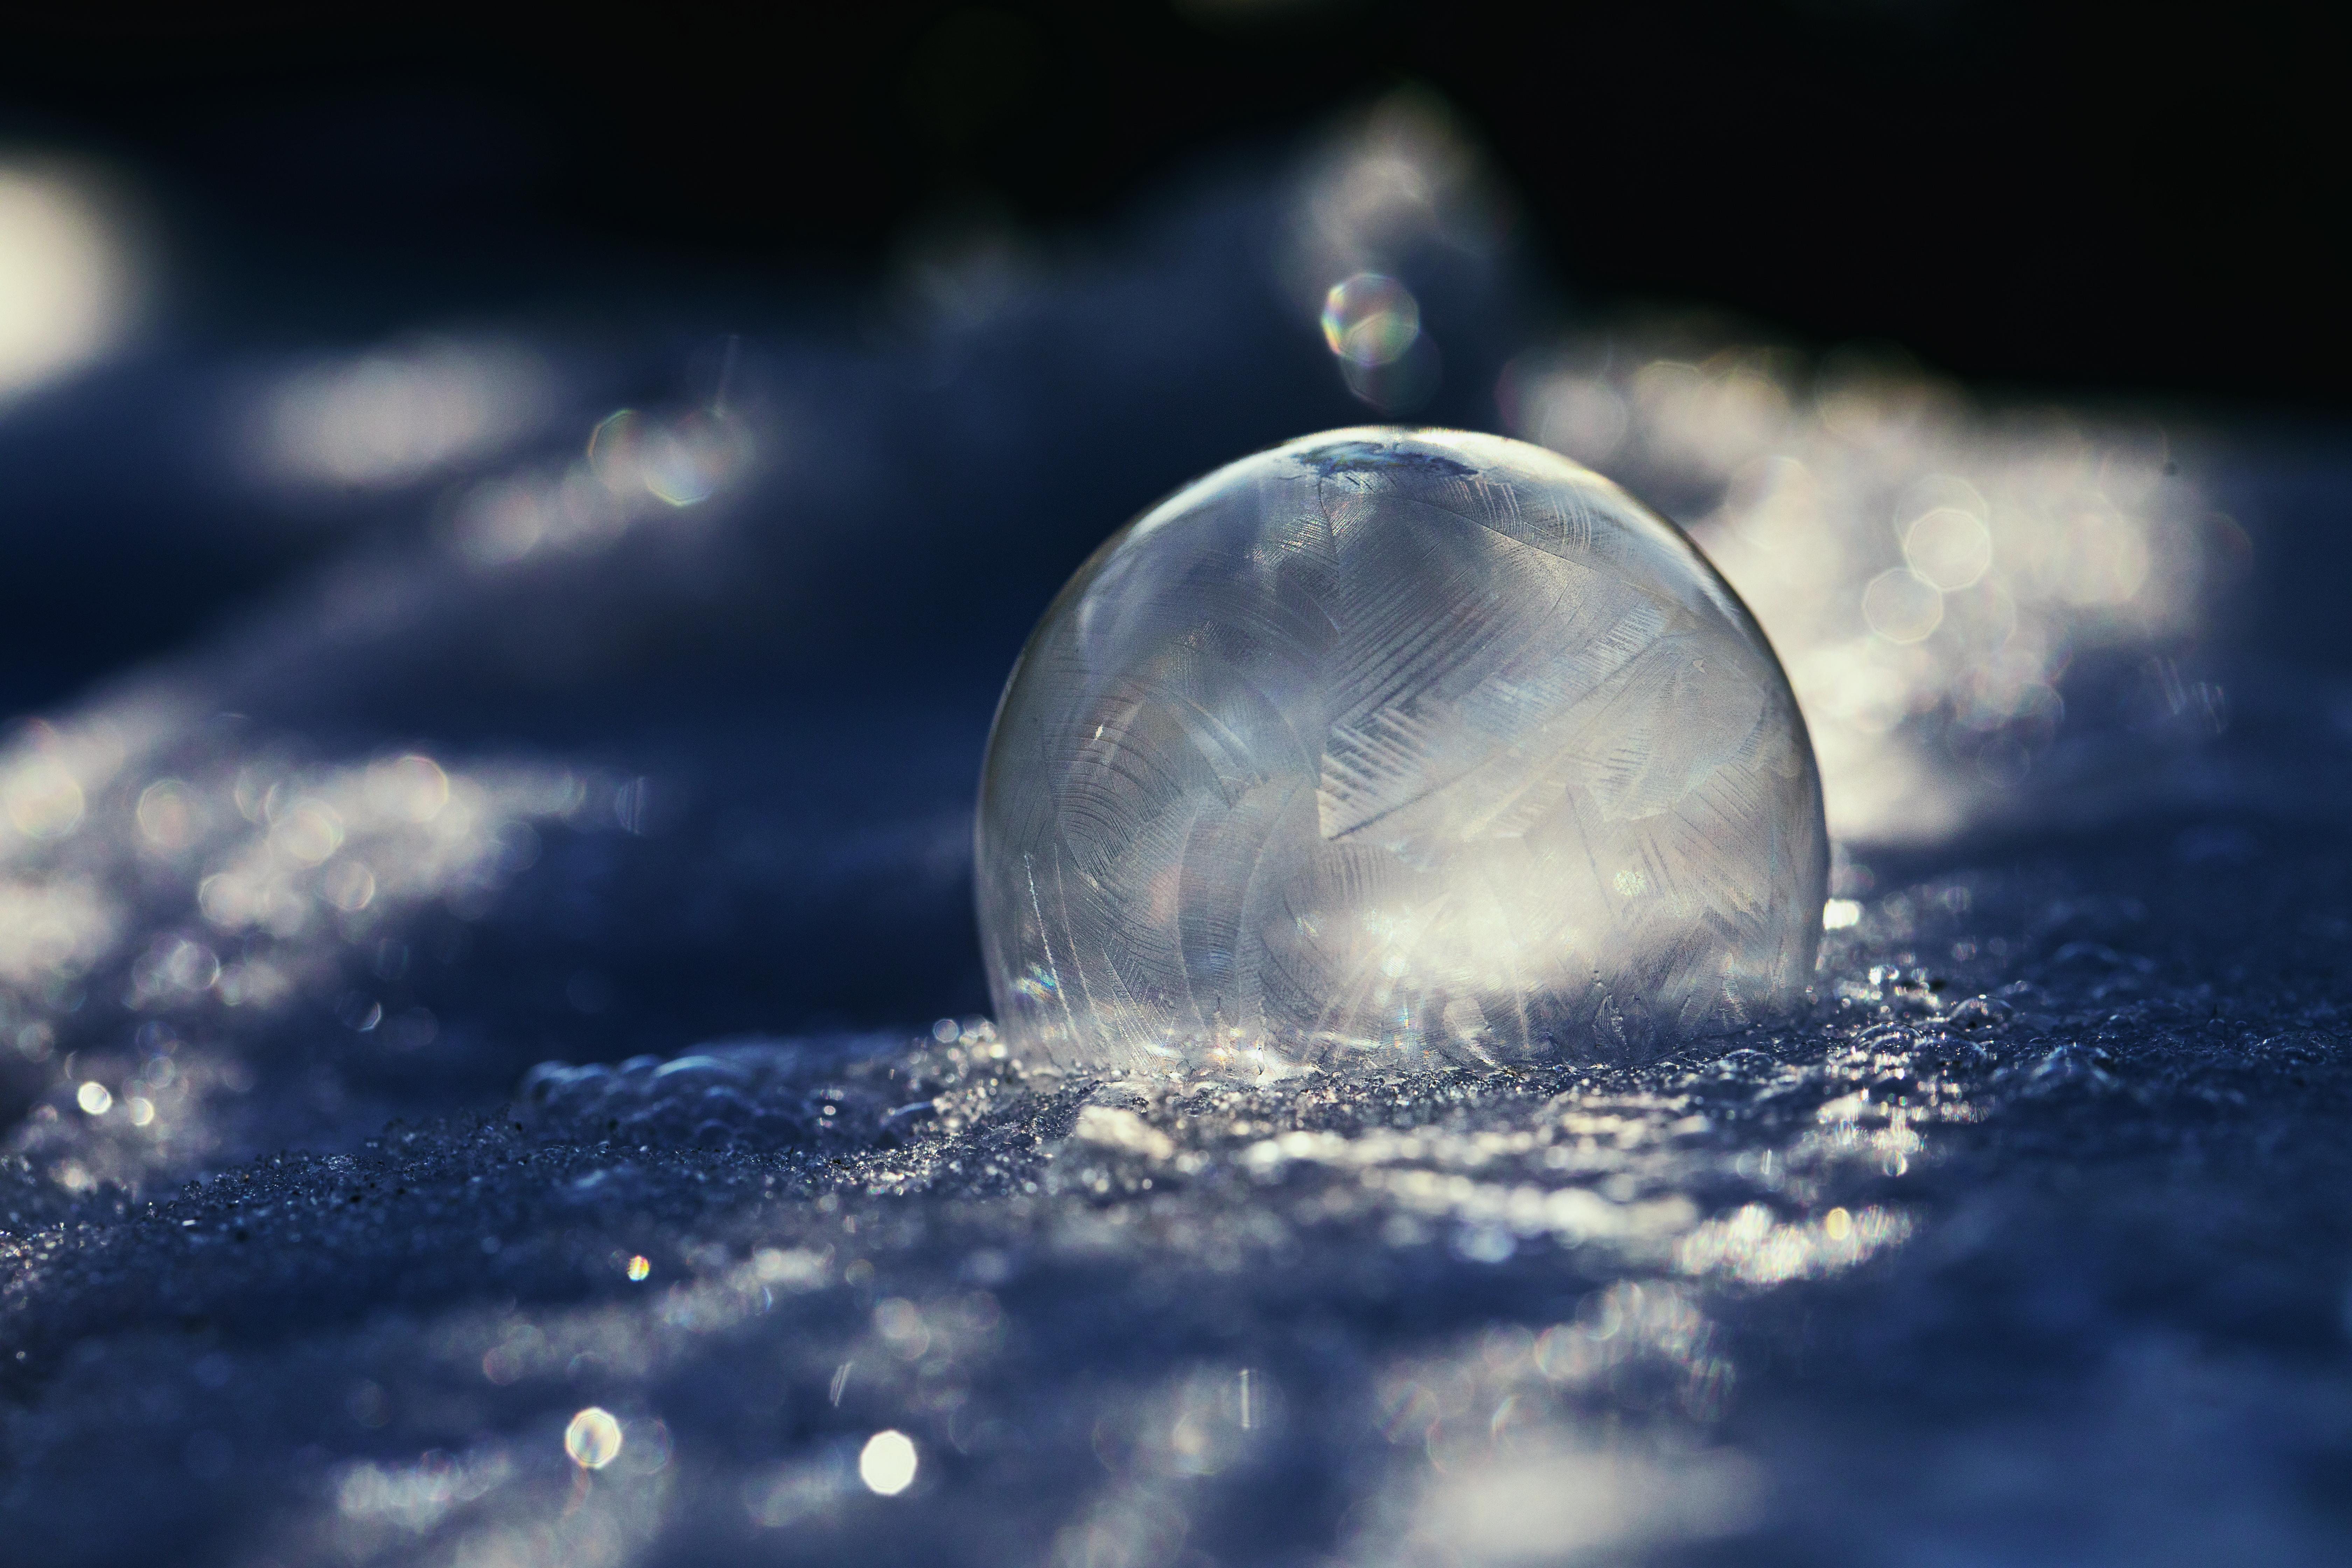 Seifenblasen fotografieren - gefroren im Winter - Eis - Kälte